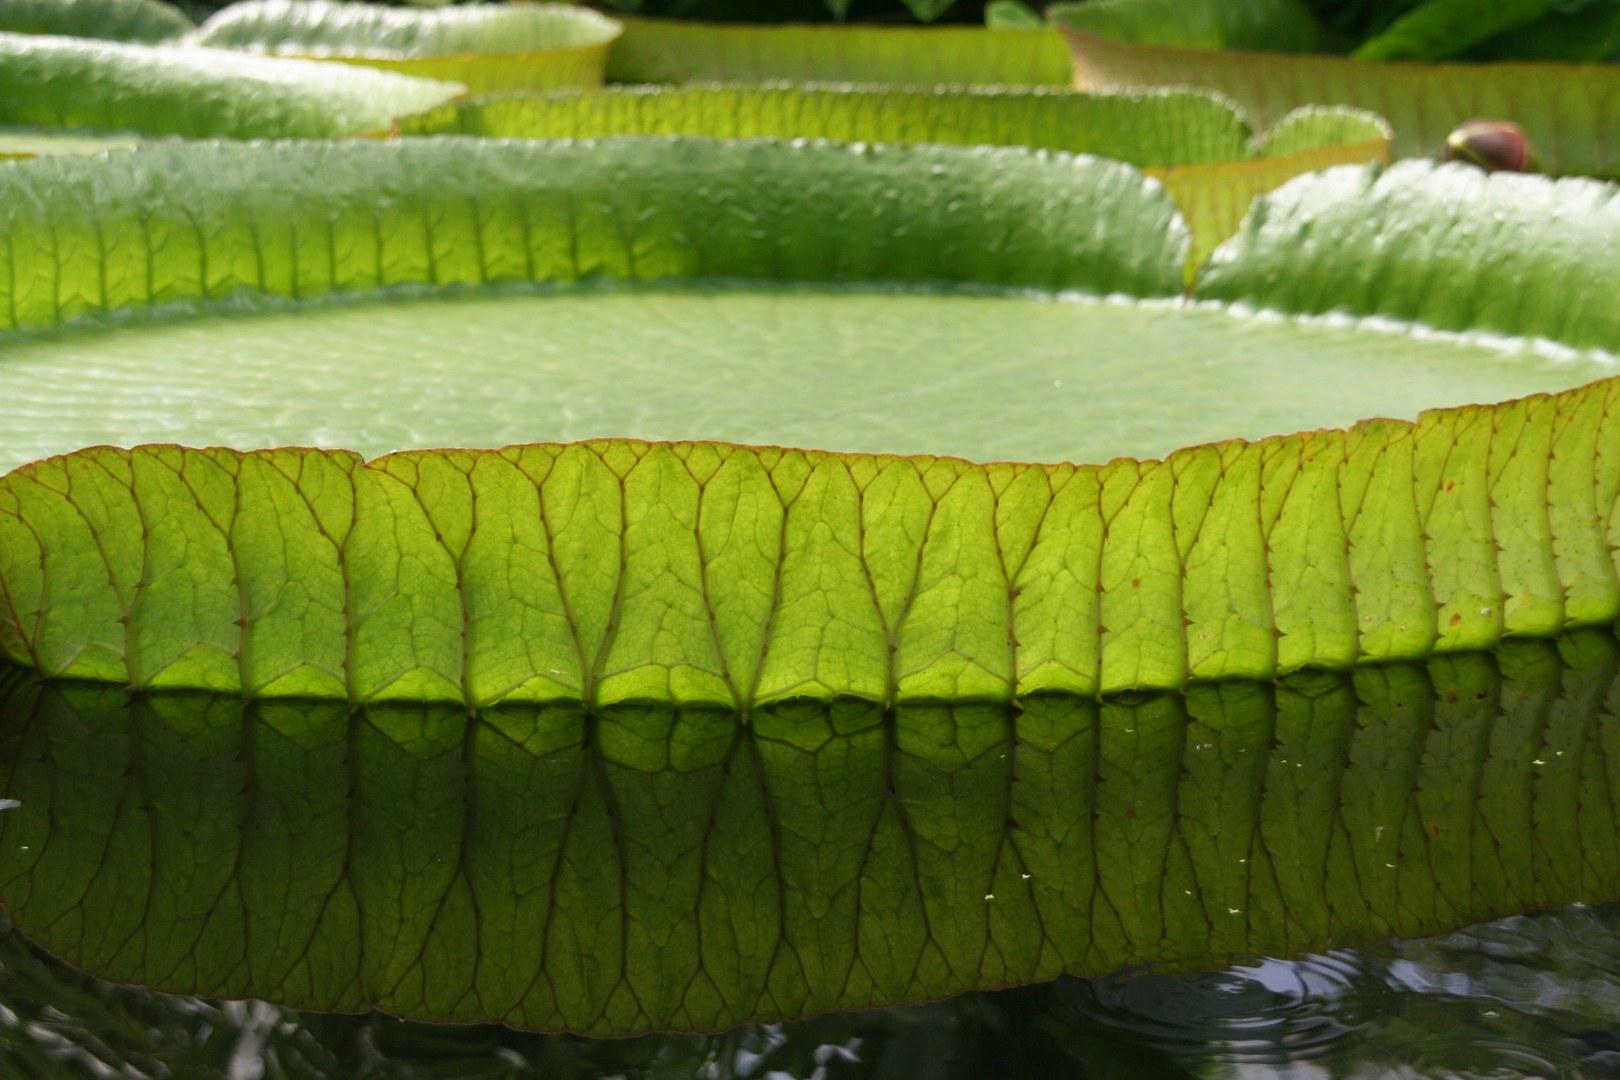 Schatzkammer Botanische Gärten